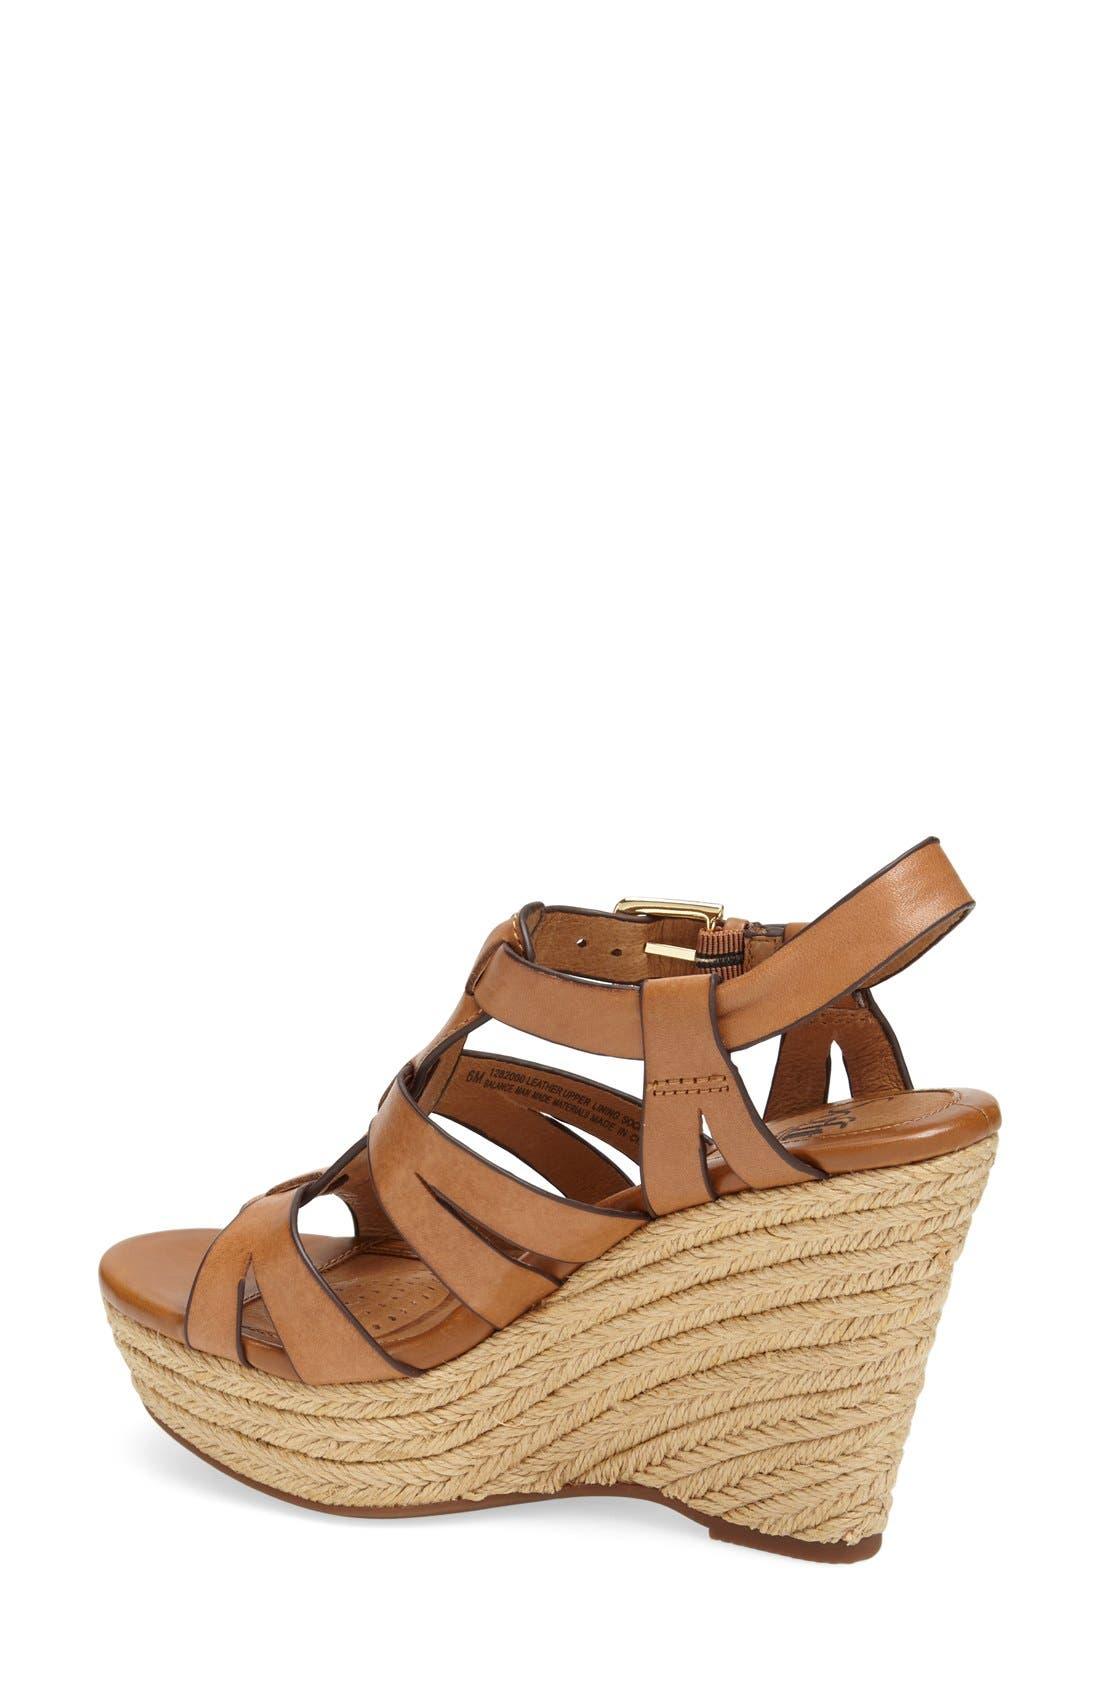 Alternate Image 2  - Söfft 'Pahana' Espadrille Wedge Sandal (Women)